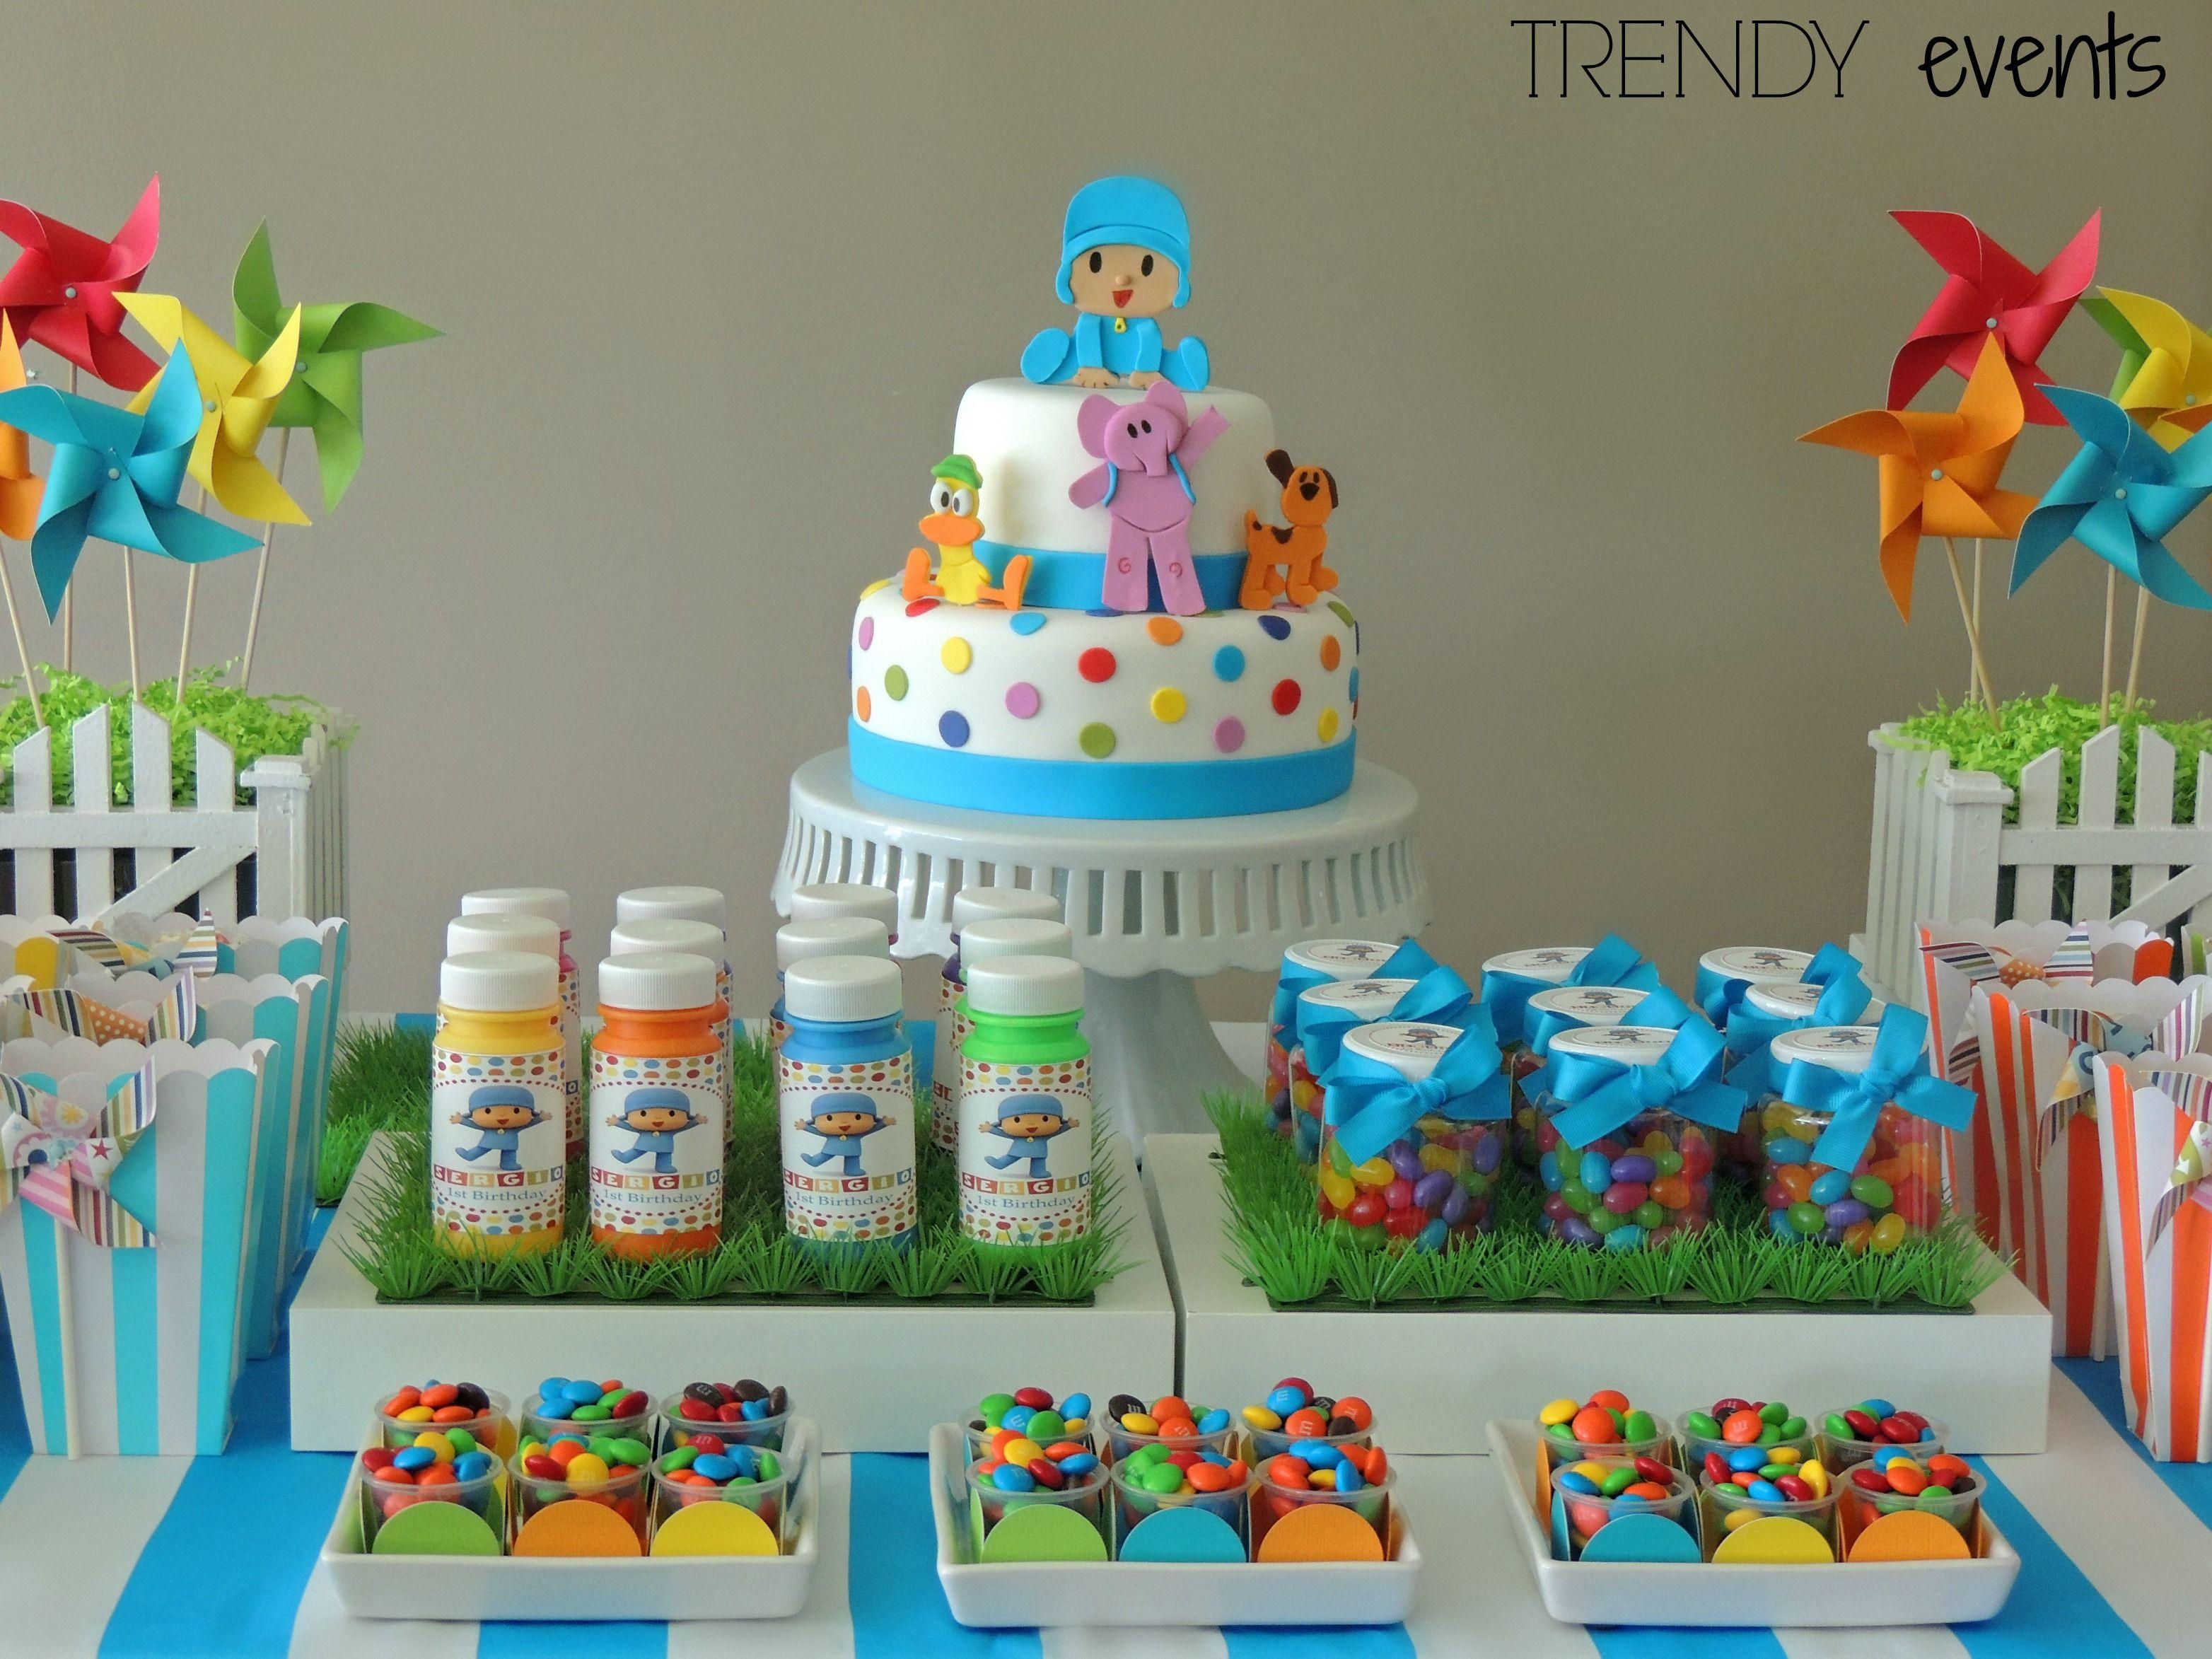 Pocoyo party ideas by trendy events - Ideas para fiestas de cumpleanos infantiles ...